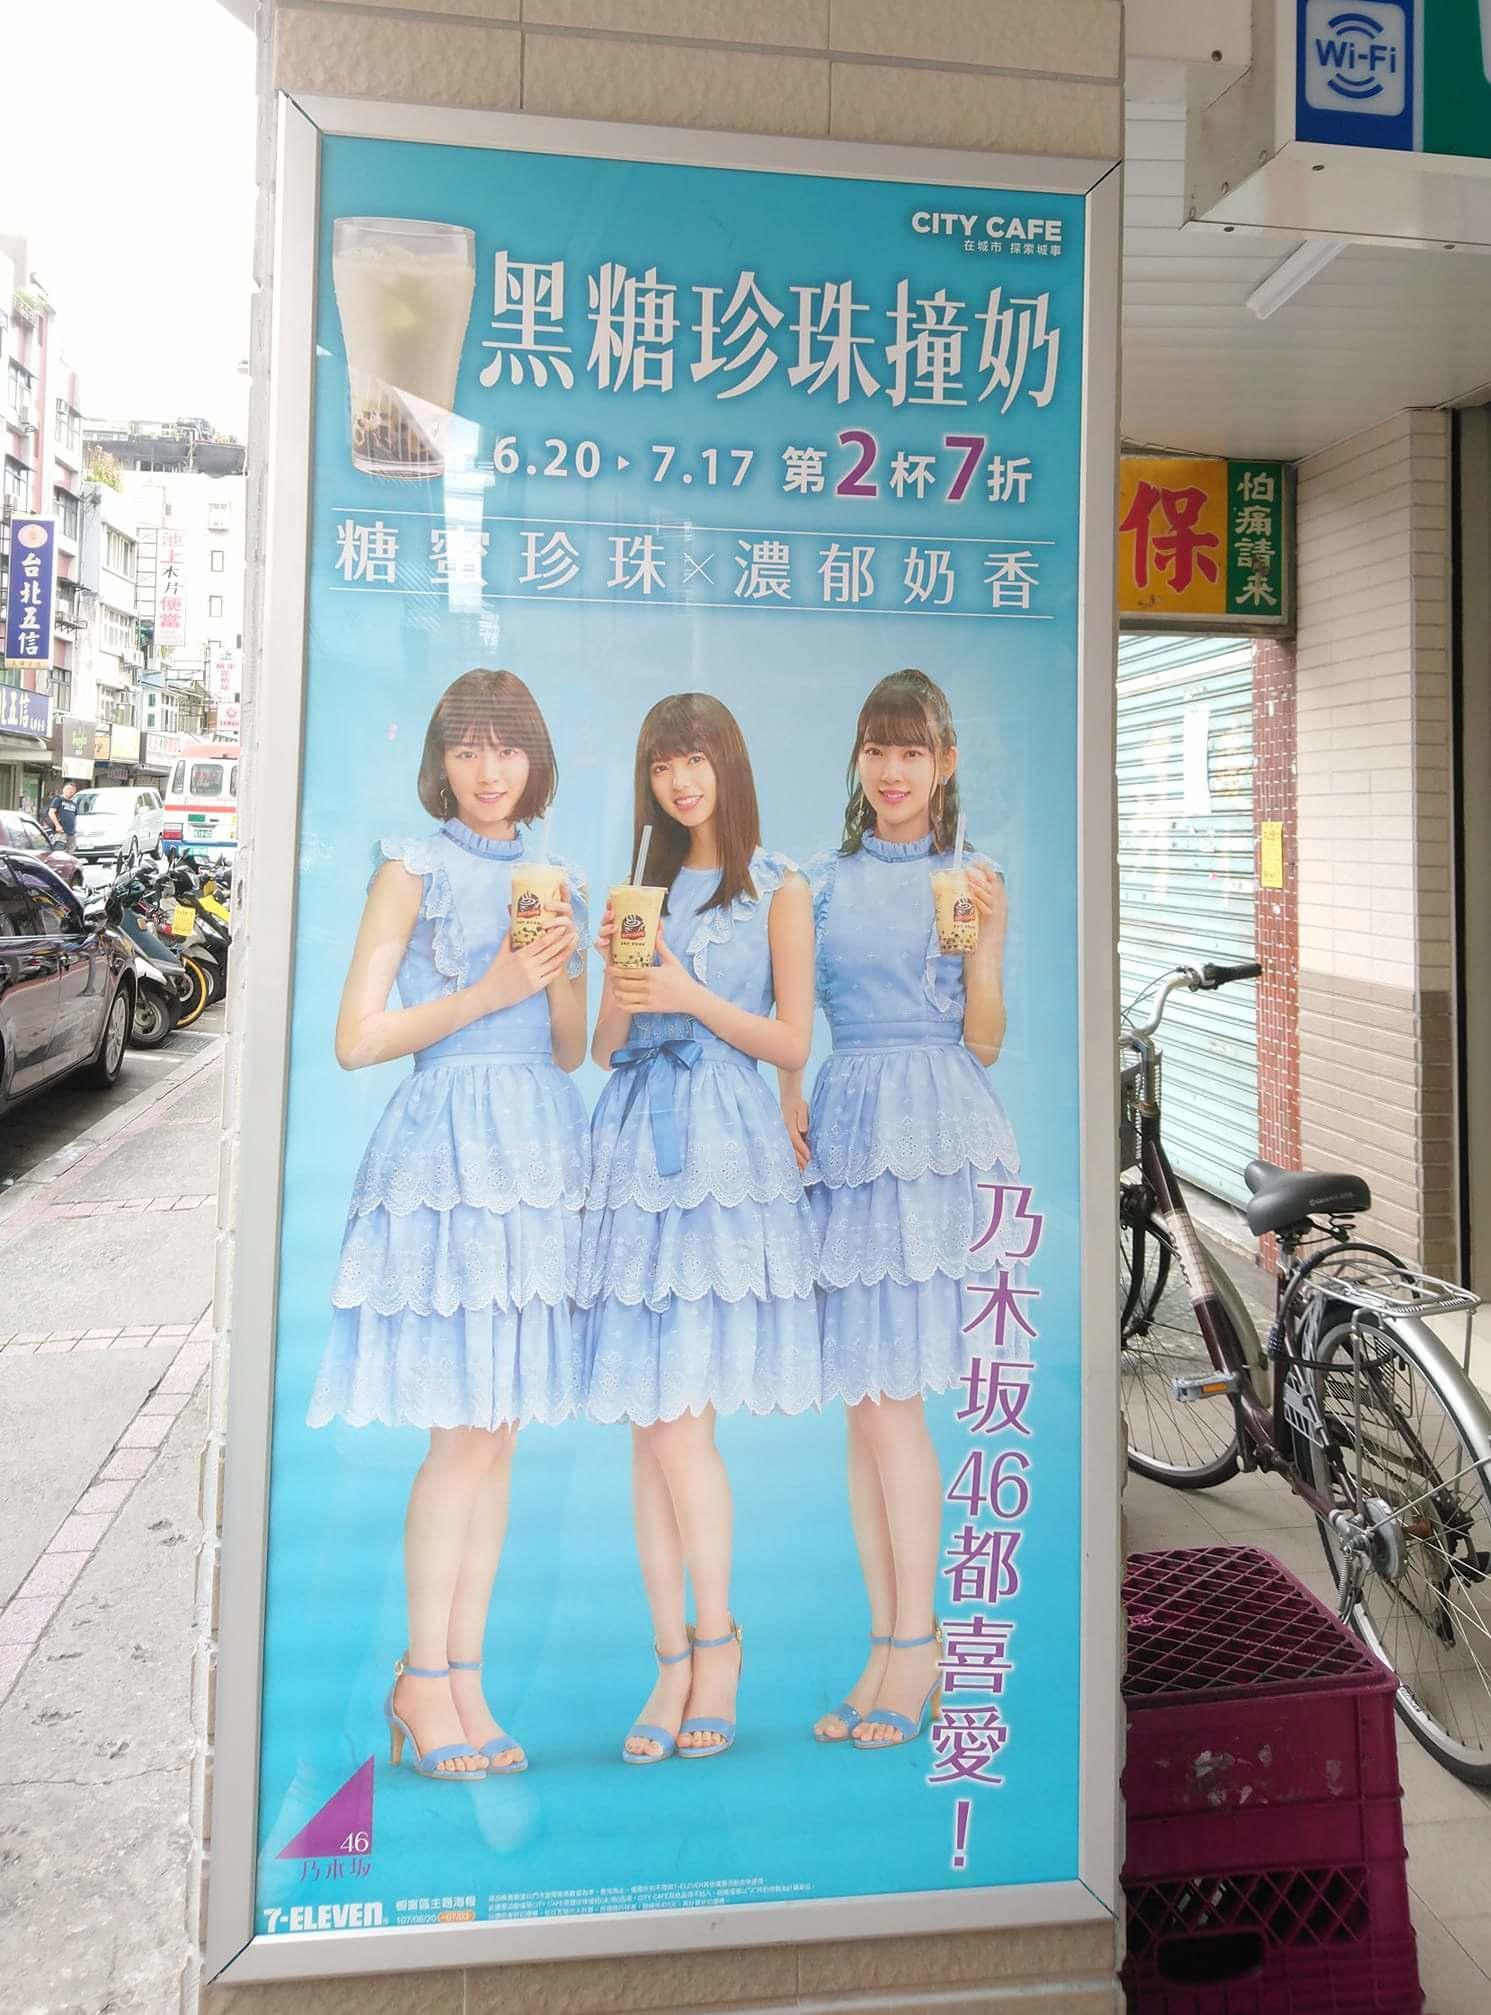 台湾で乃木坂46のセブンイレブン「タピオカドリンク」の広告